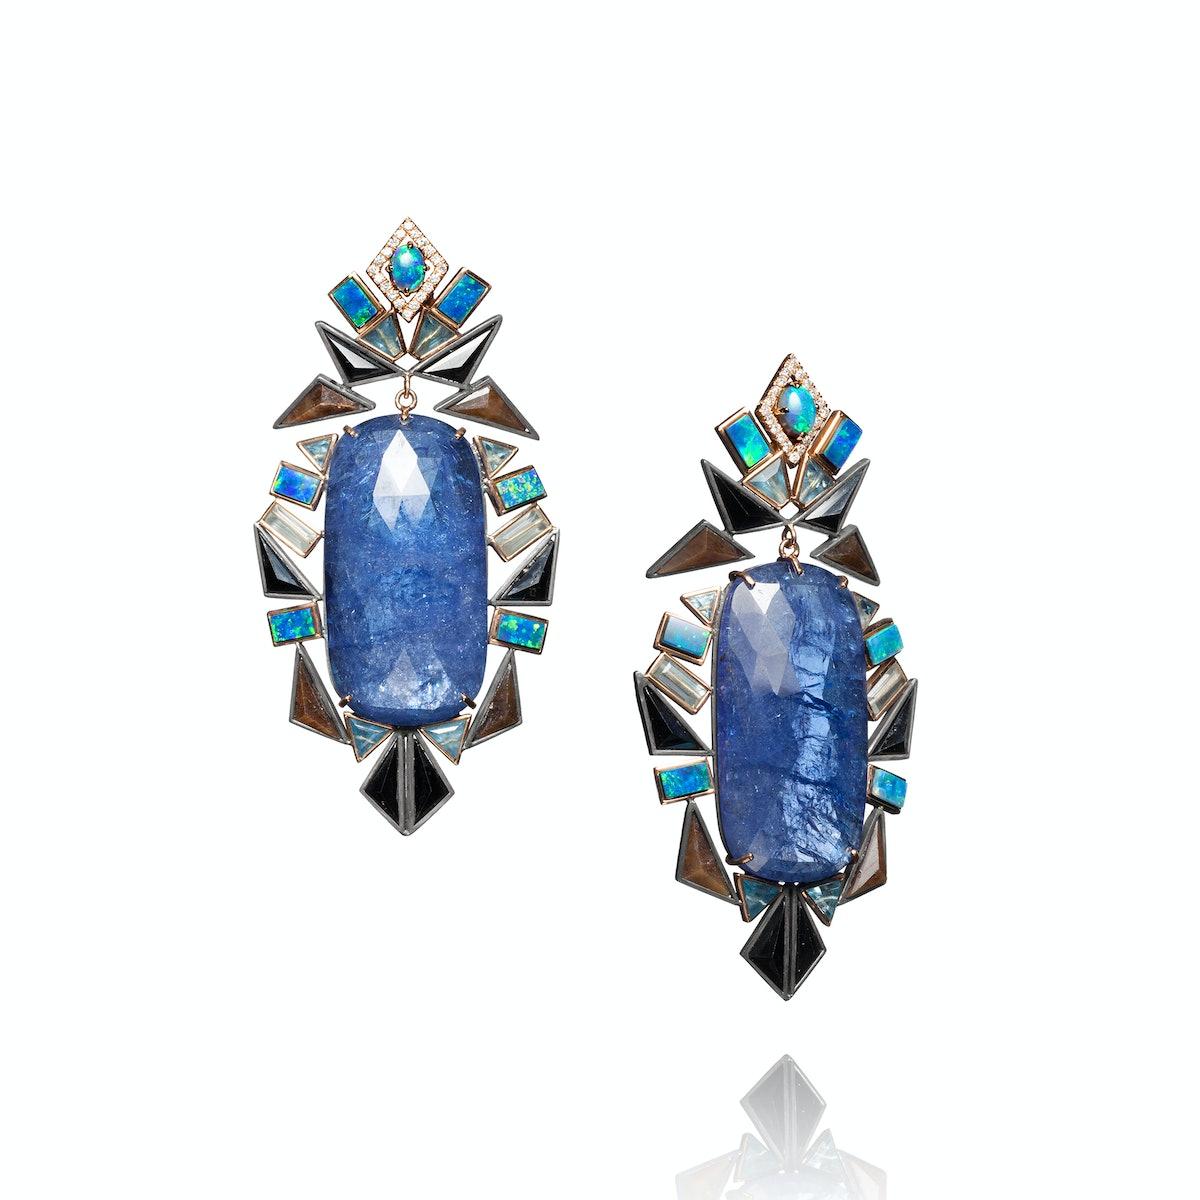 Anthony-Nak-Boulder-opal-earrings,-$21,550,-barneys.com